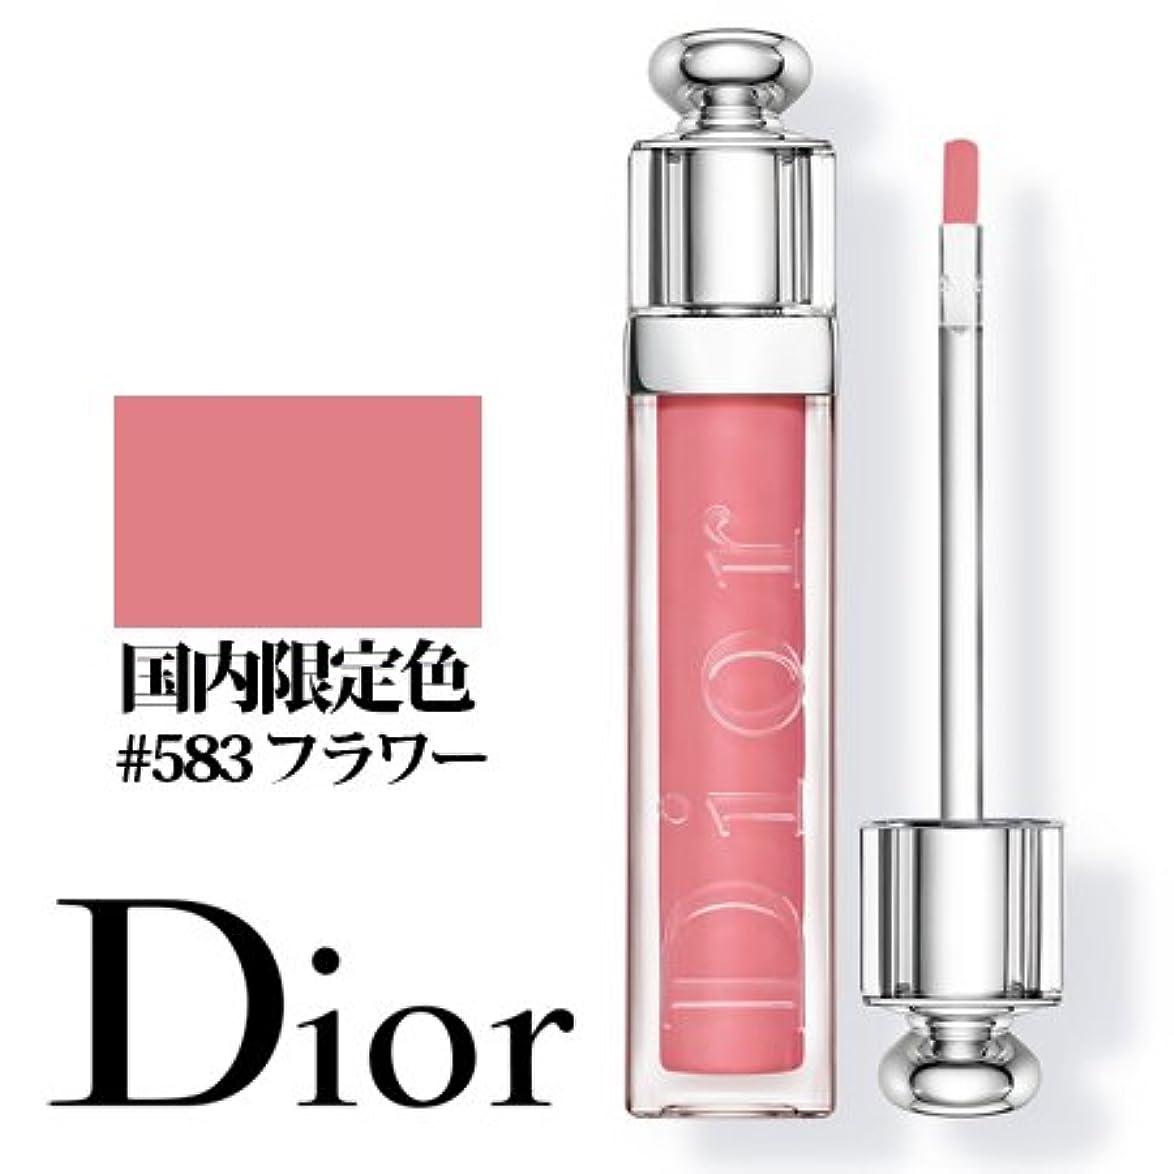 接続つまずく急速なクリスチャン ディオール アディクト グロス #583 フラワー [国内限定色] -Dior- 【国内正規品】